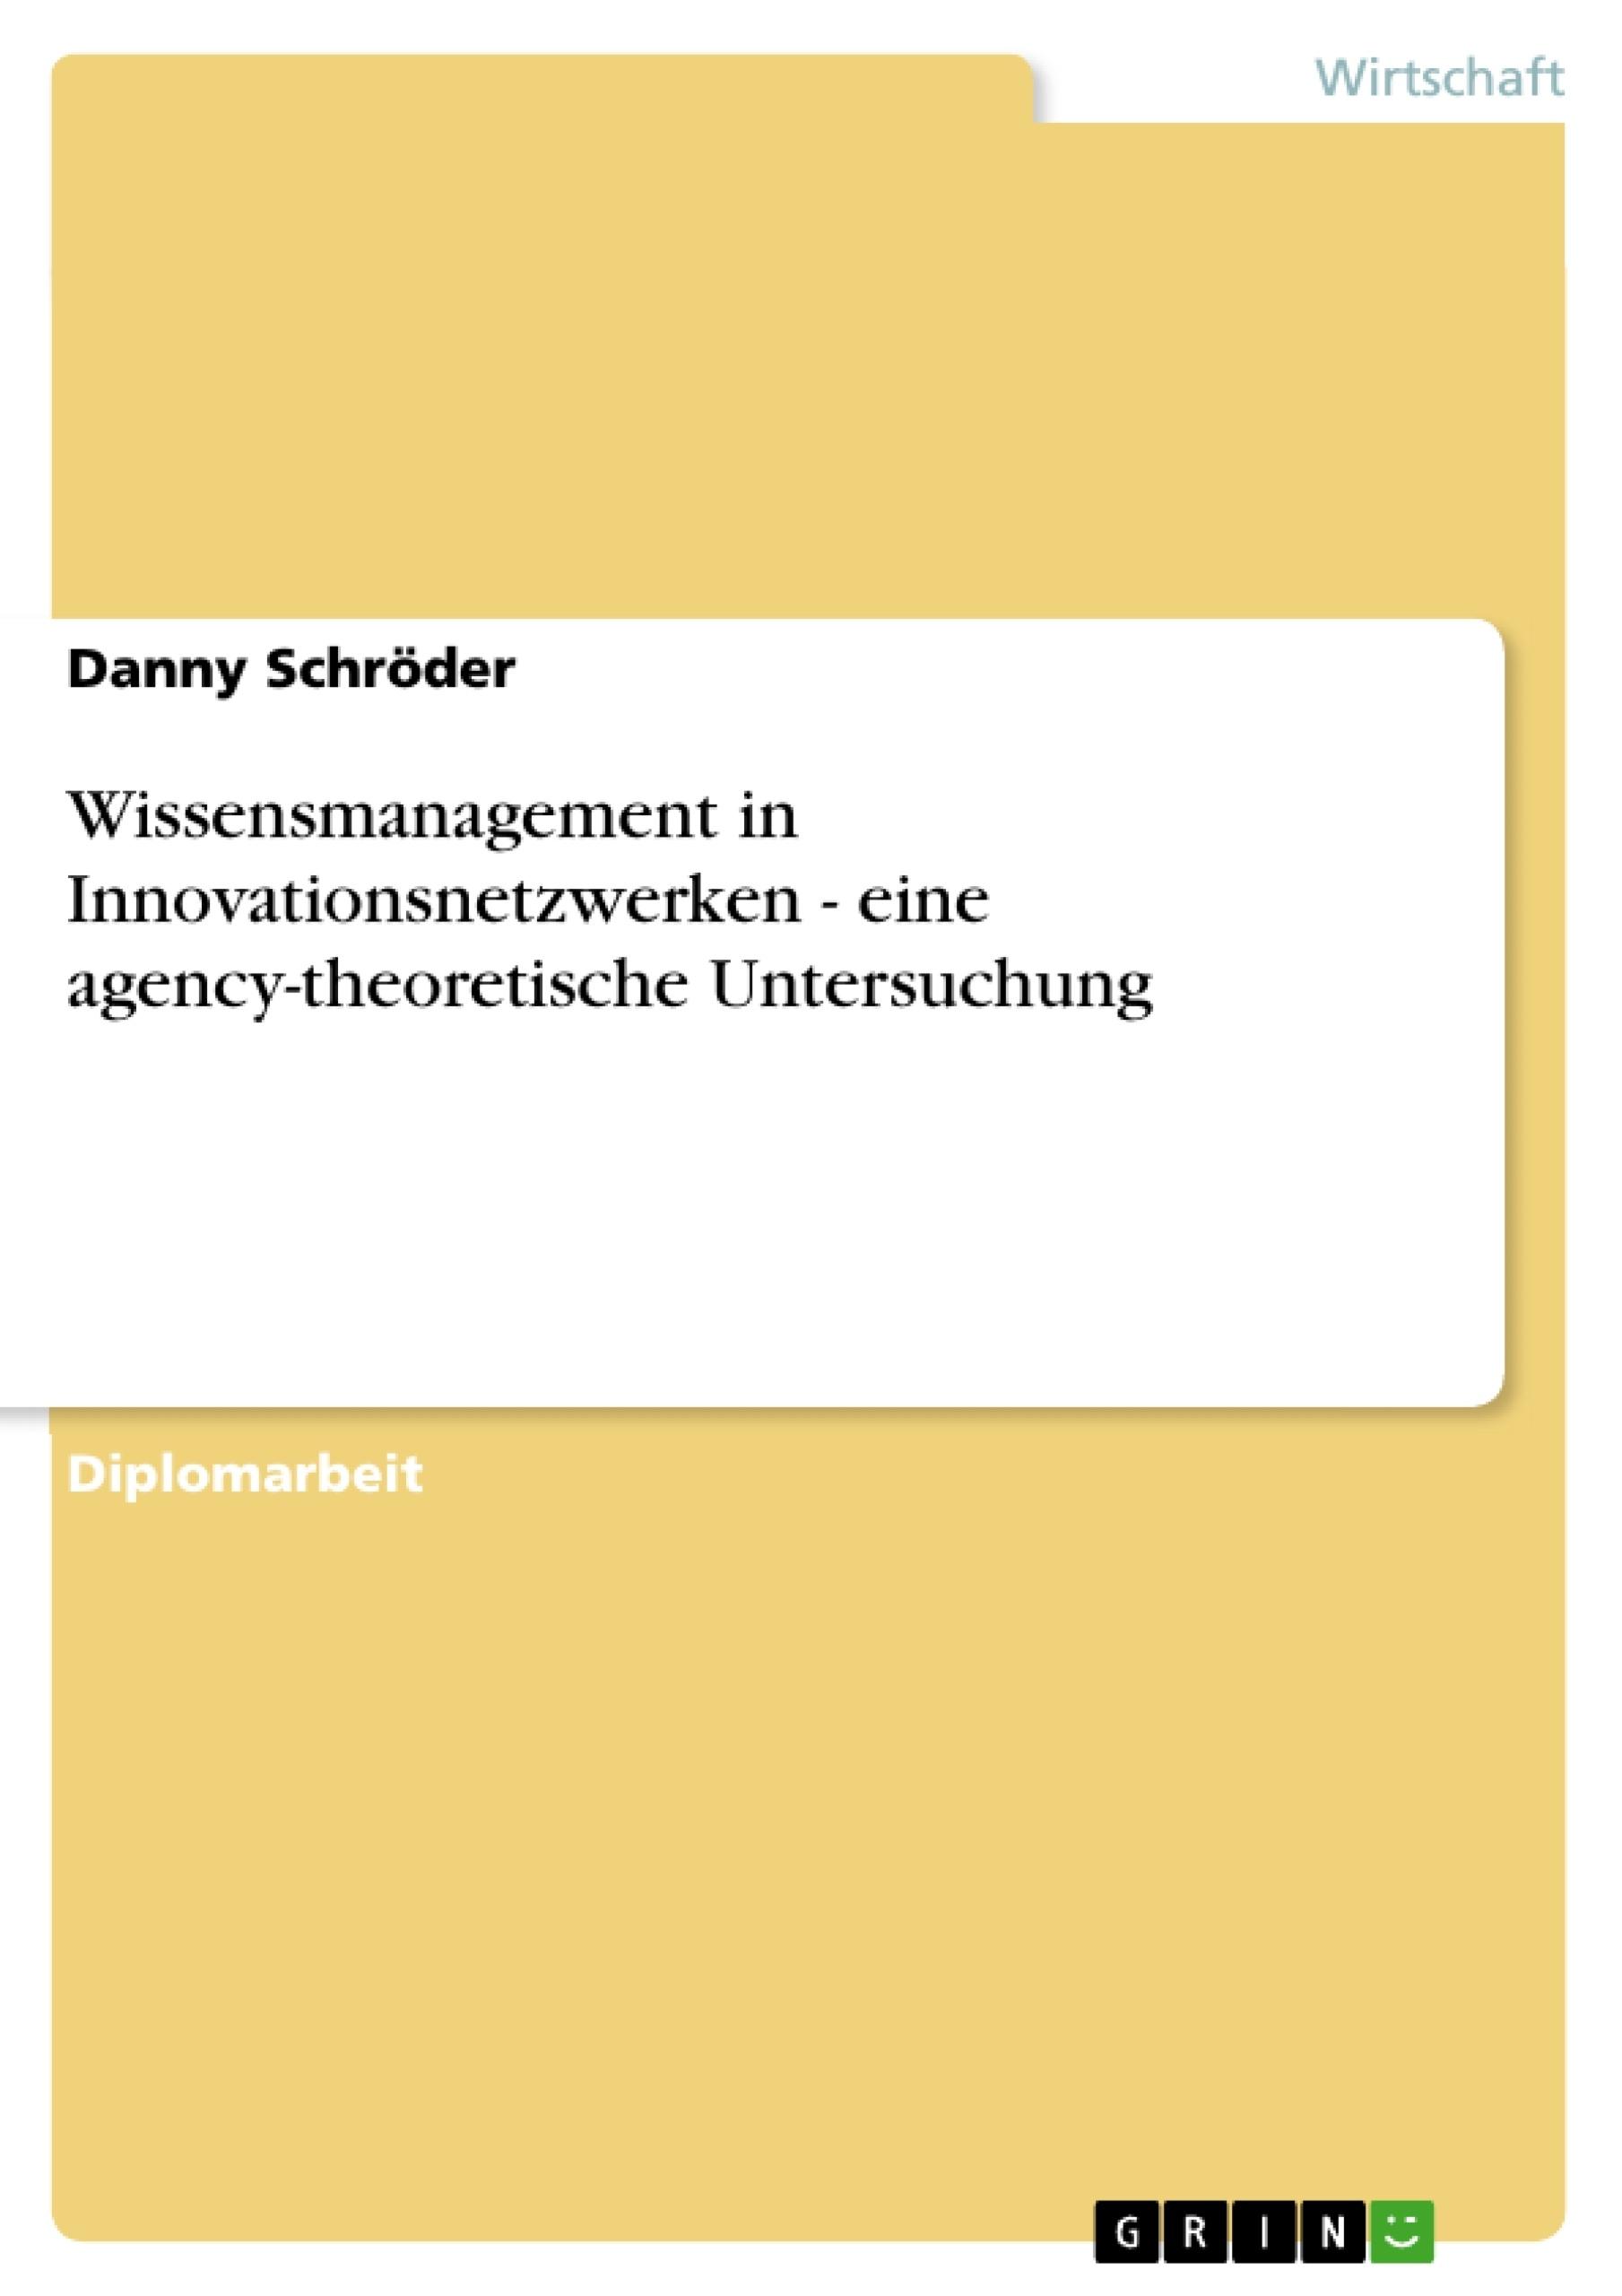 Titel: Wissensmanagement in Innovationsnetzwerken - eine agency-theoretische Untersuchung